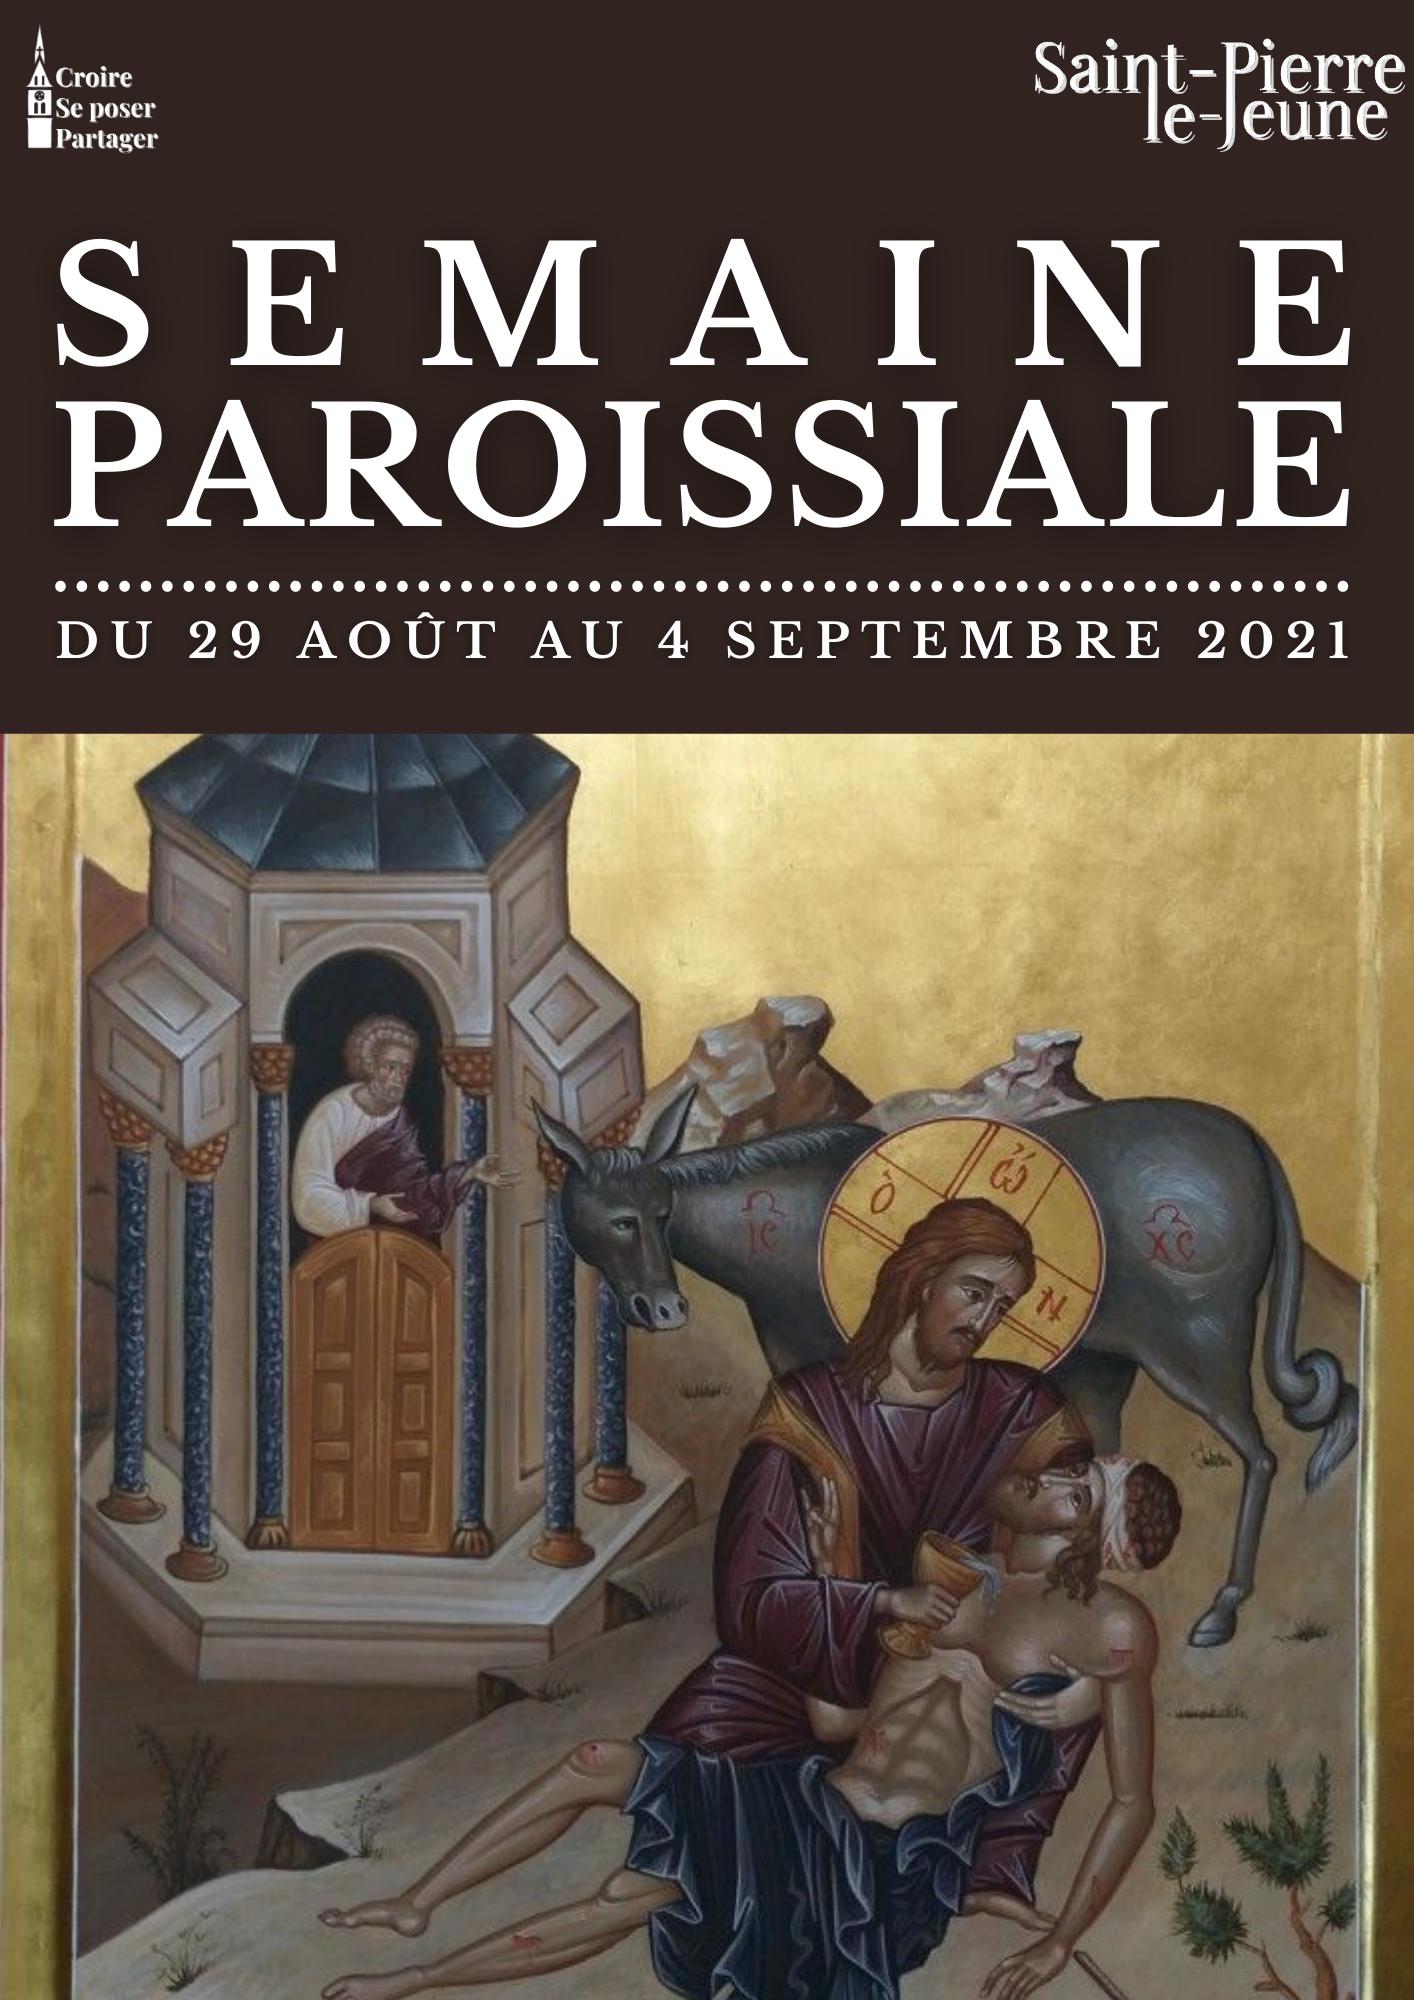 Semaine paroissiale - 29 août 2021